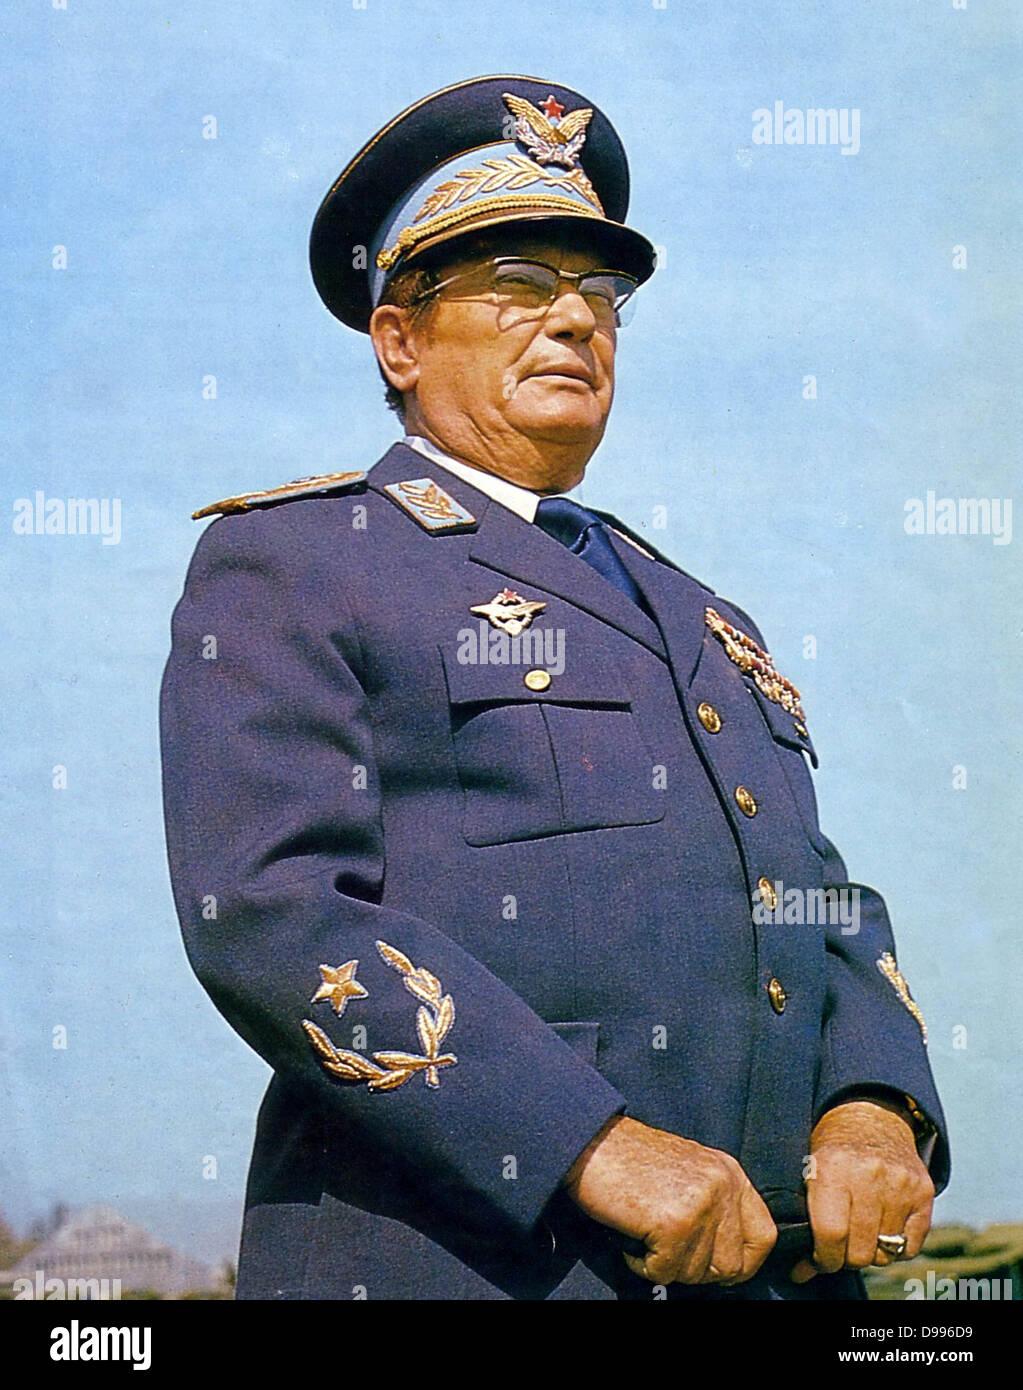 Josip Broz Tito (1892 - 1980), révolutionnaire et homme d'État yougoslave. Secrétaire général Photo Stock